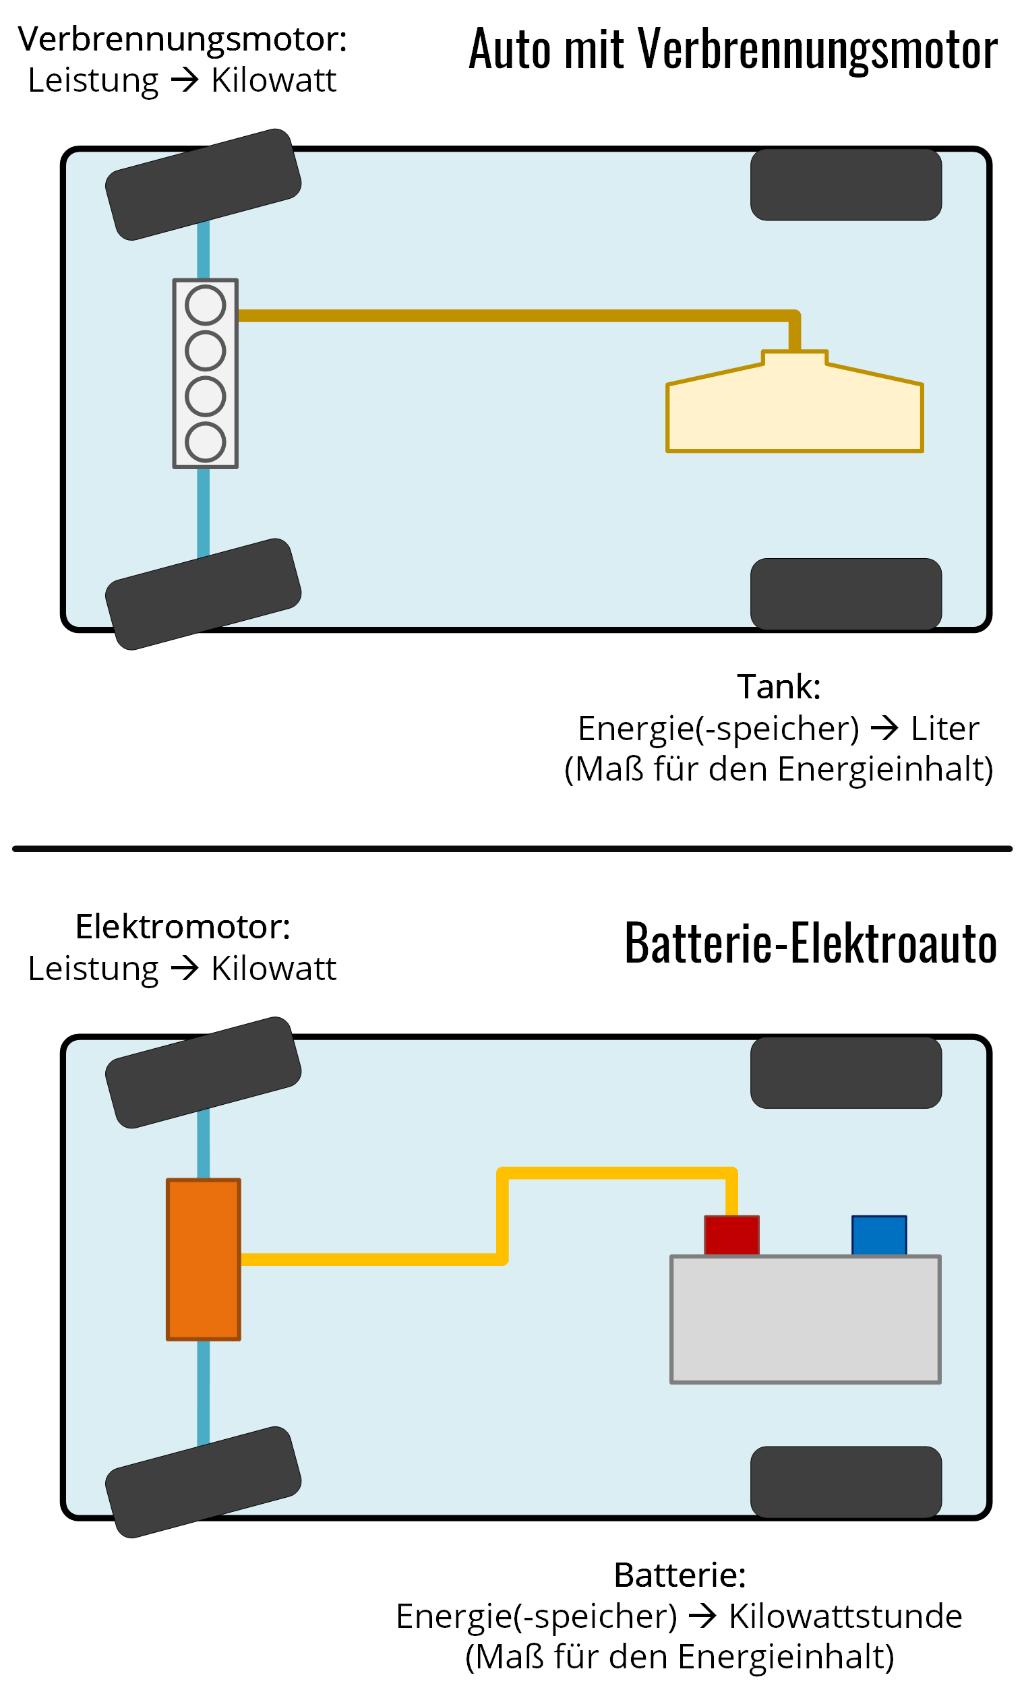 Schaubild: Einheiten für Leistung und Energiegehalt beim Auto mit Verbrennungsmotor und beim Elektroauto